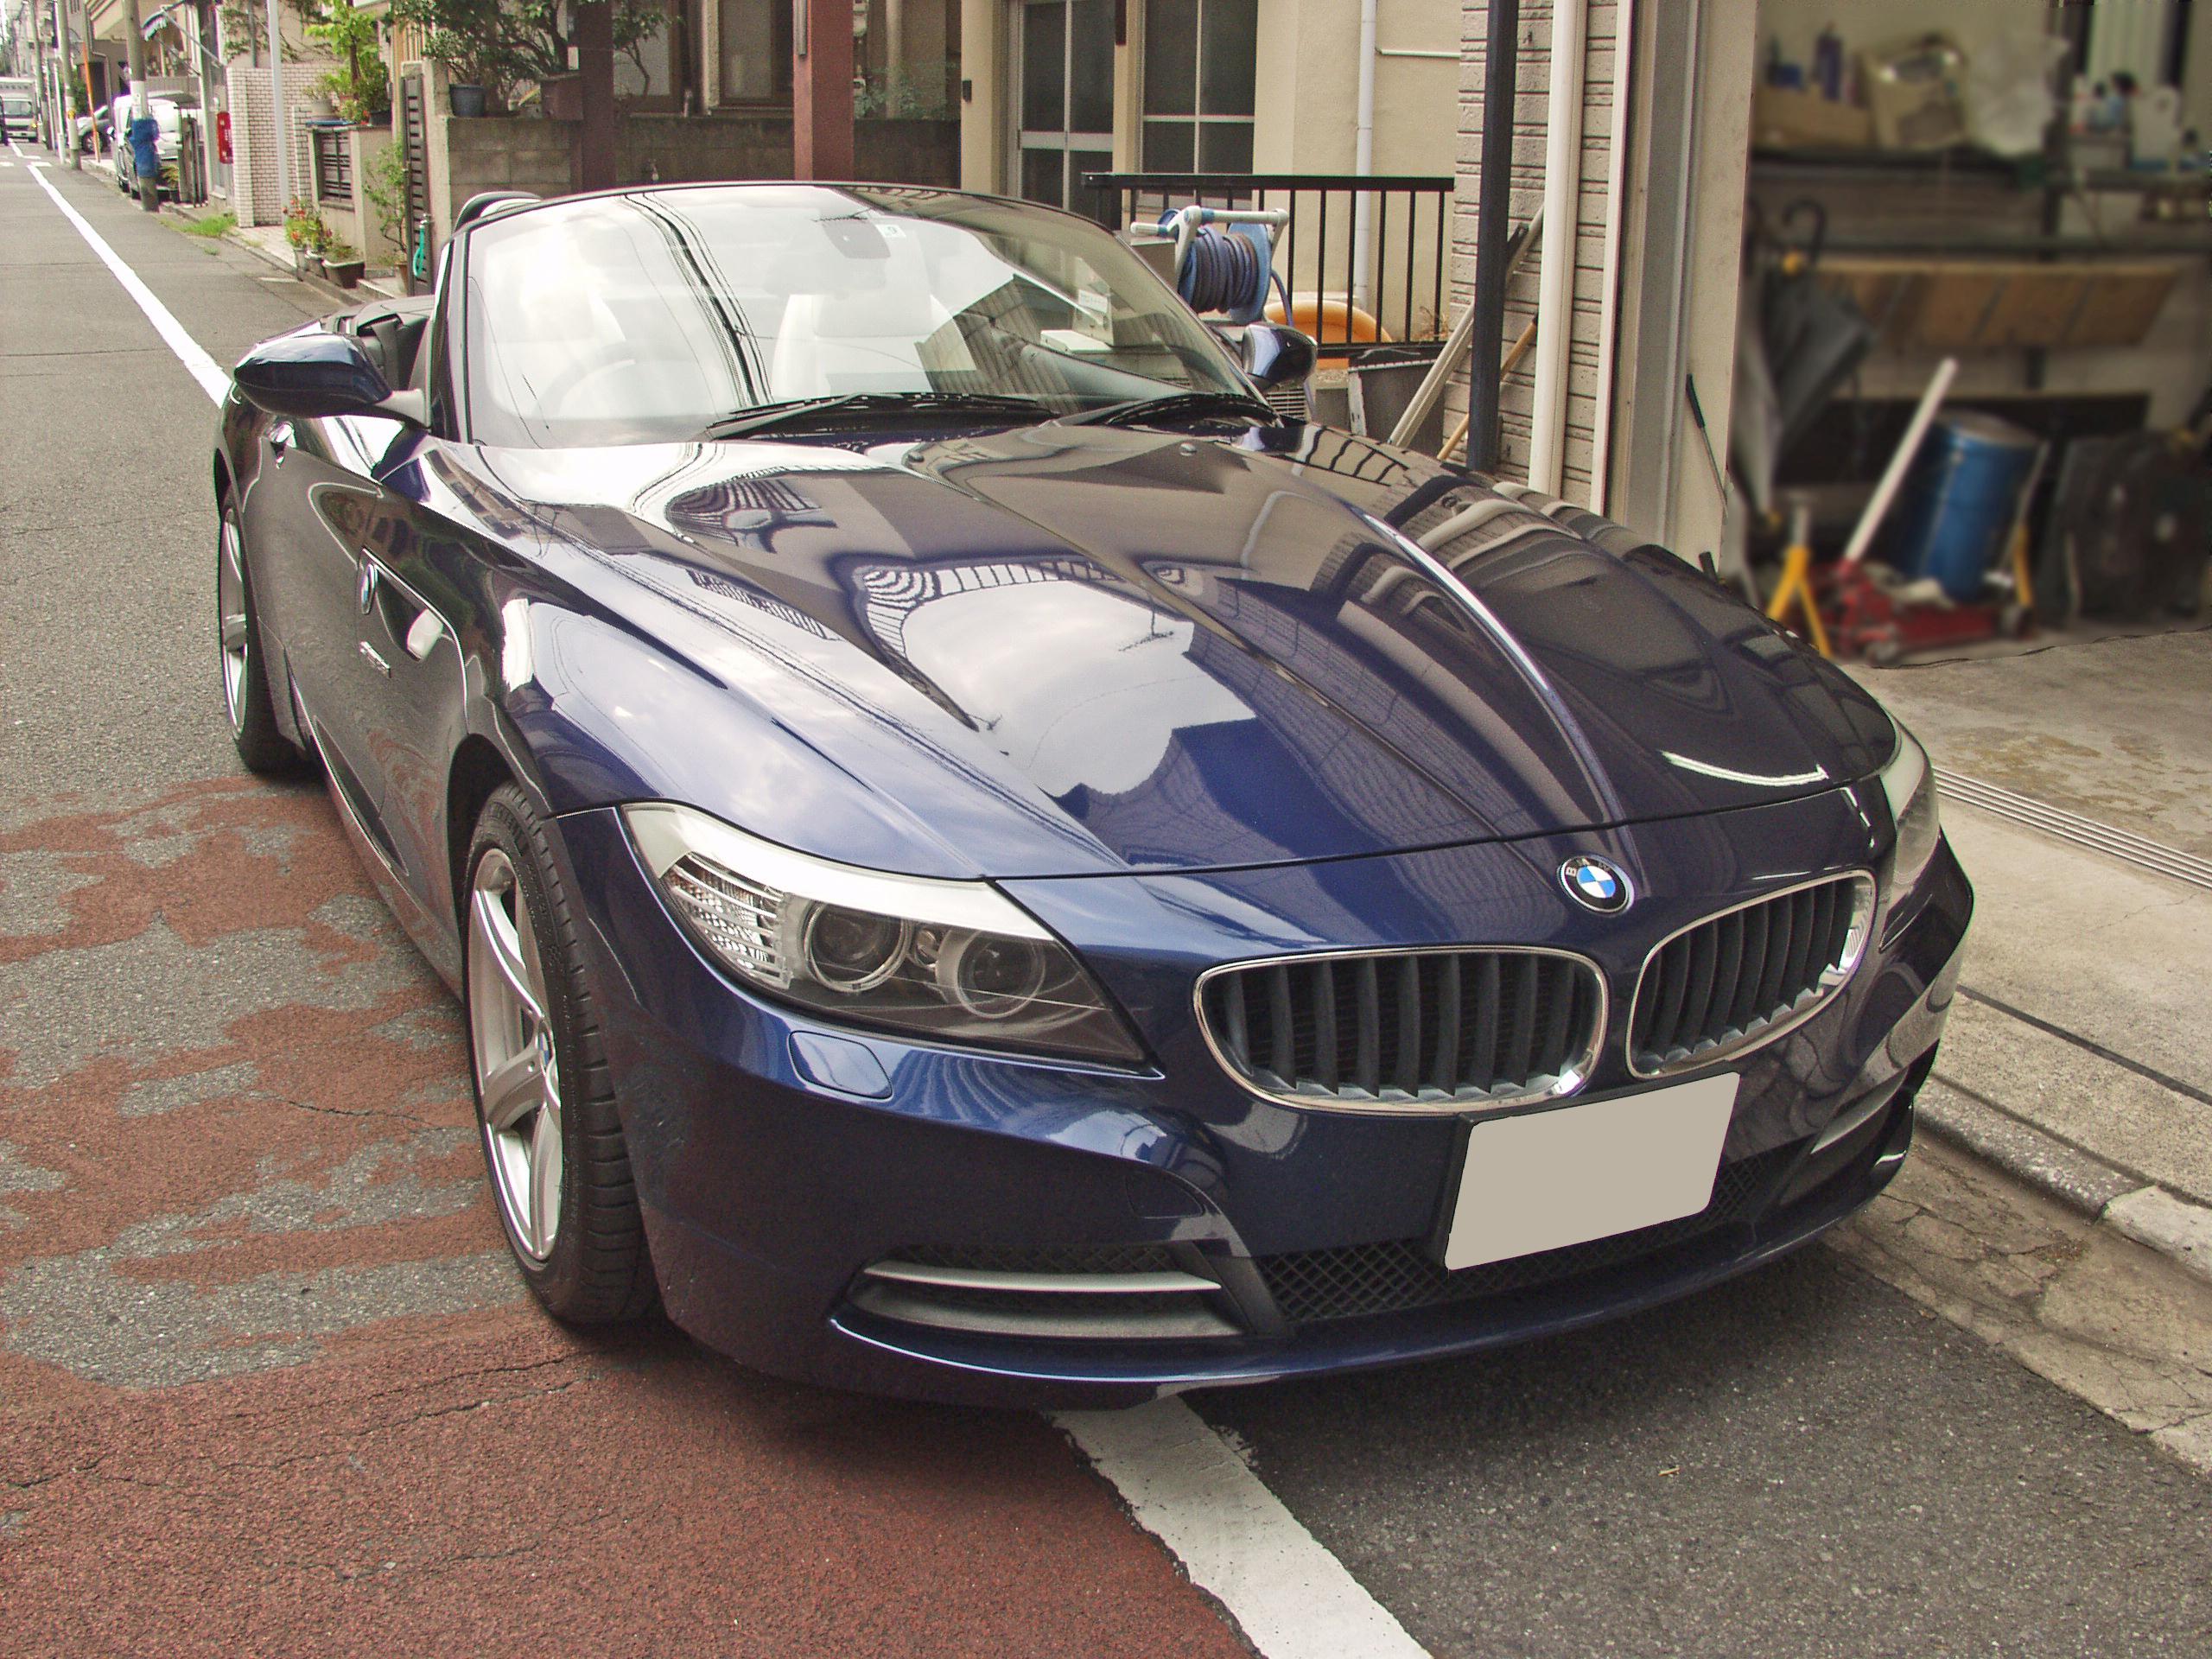 BMW E89 Z4 ルーフオープン時の画像 右前から